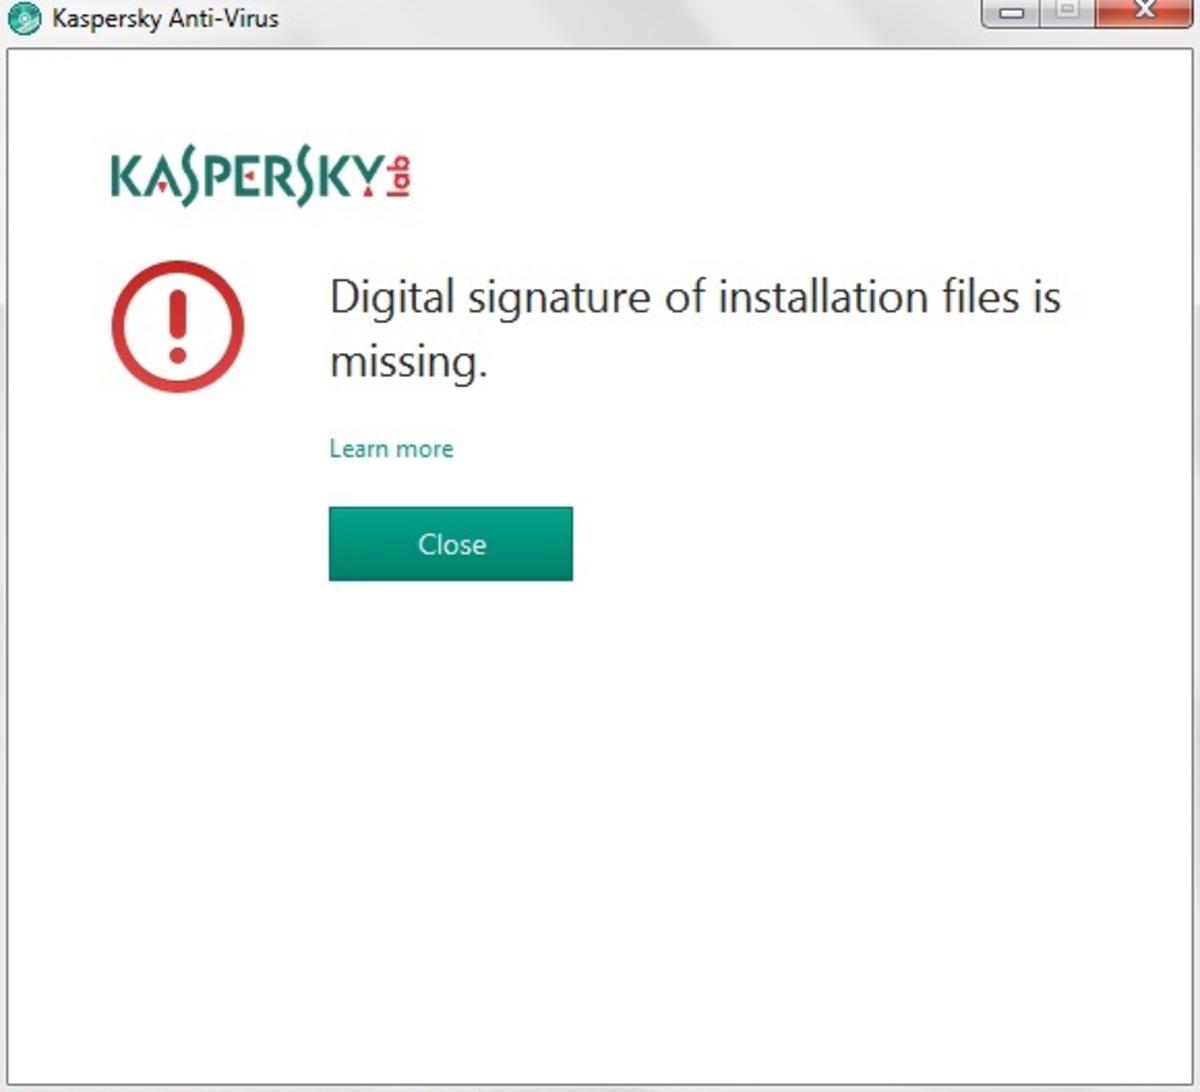 """[Fix] Kaspersky Error: """"Digital Signature of Installation Files Missing"""""""